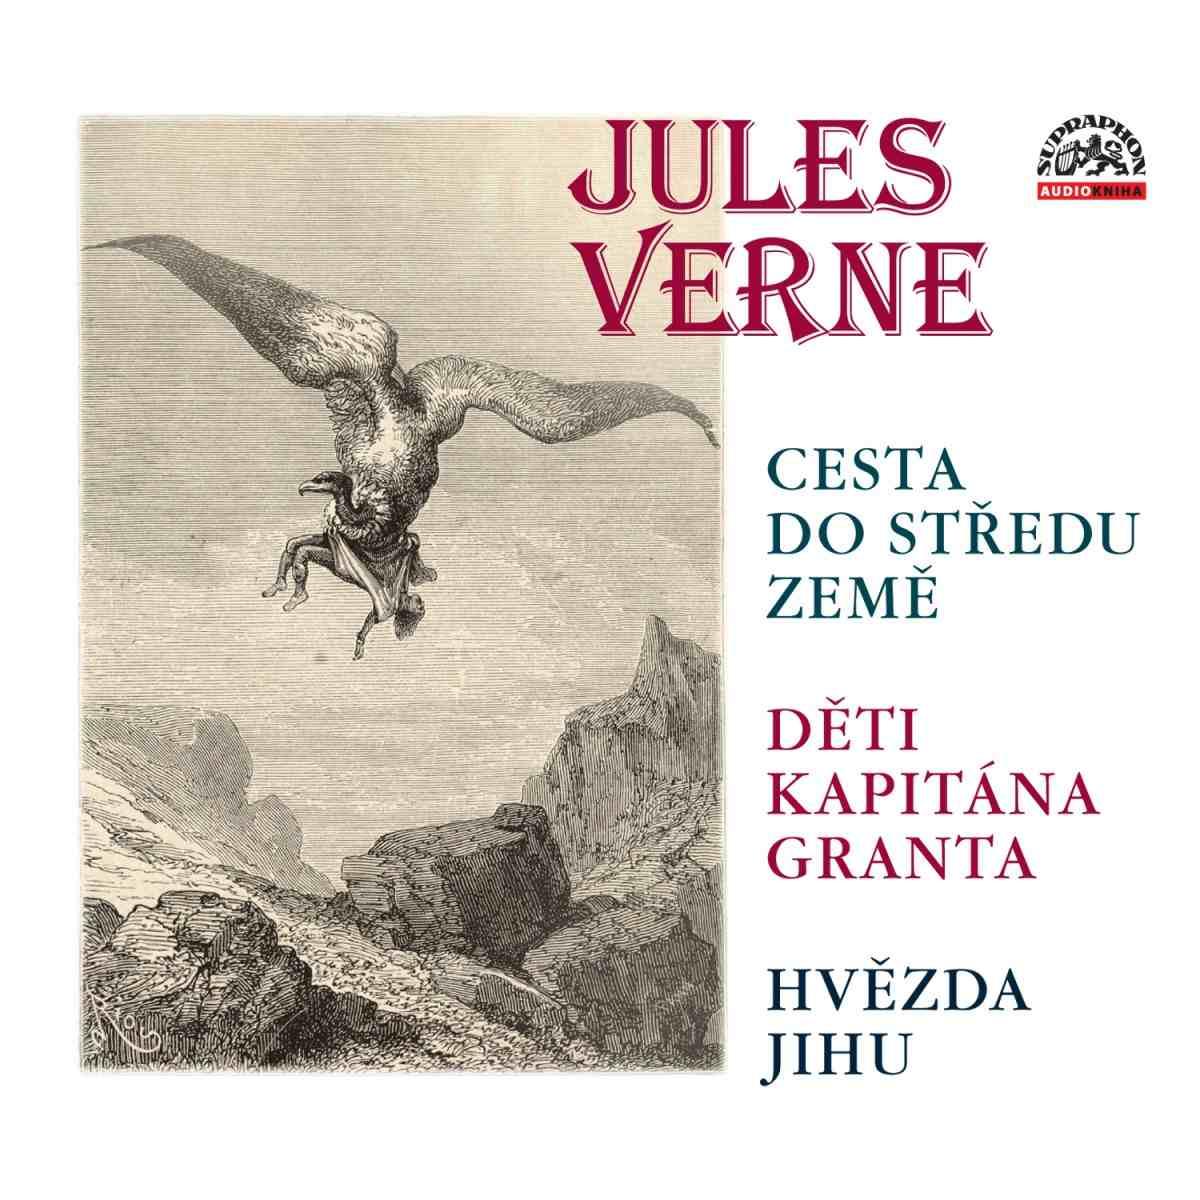 VERNE J. - 3CD (Cesta do středu Země, Děti kapitána granta, Hvězda jihu) - 3 CD